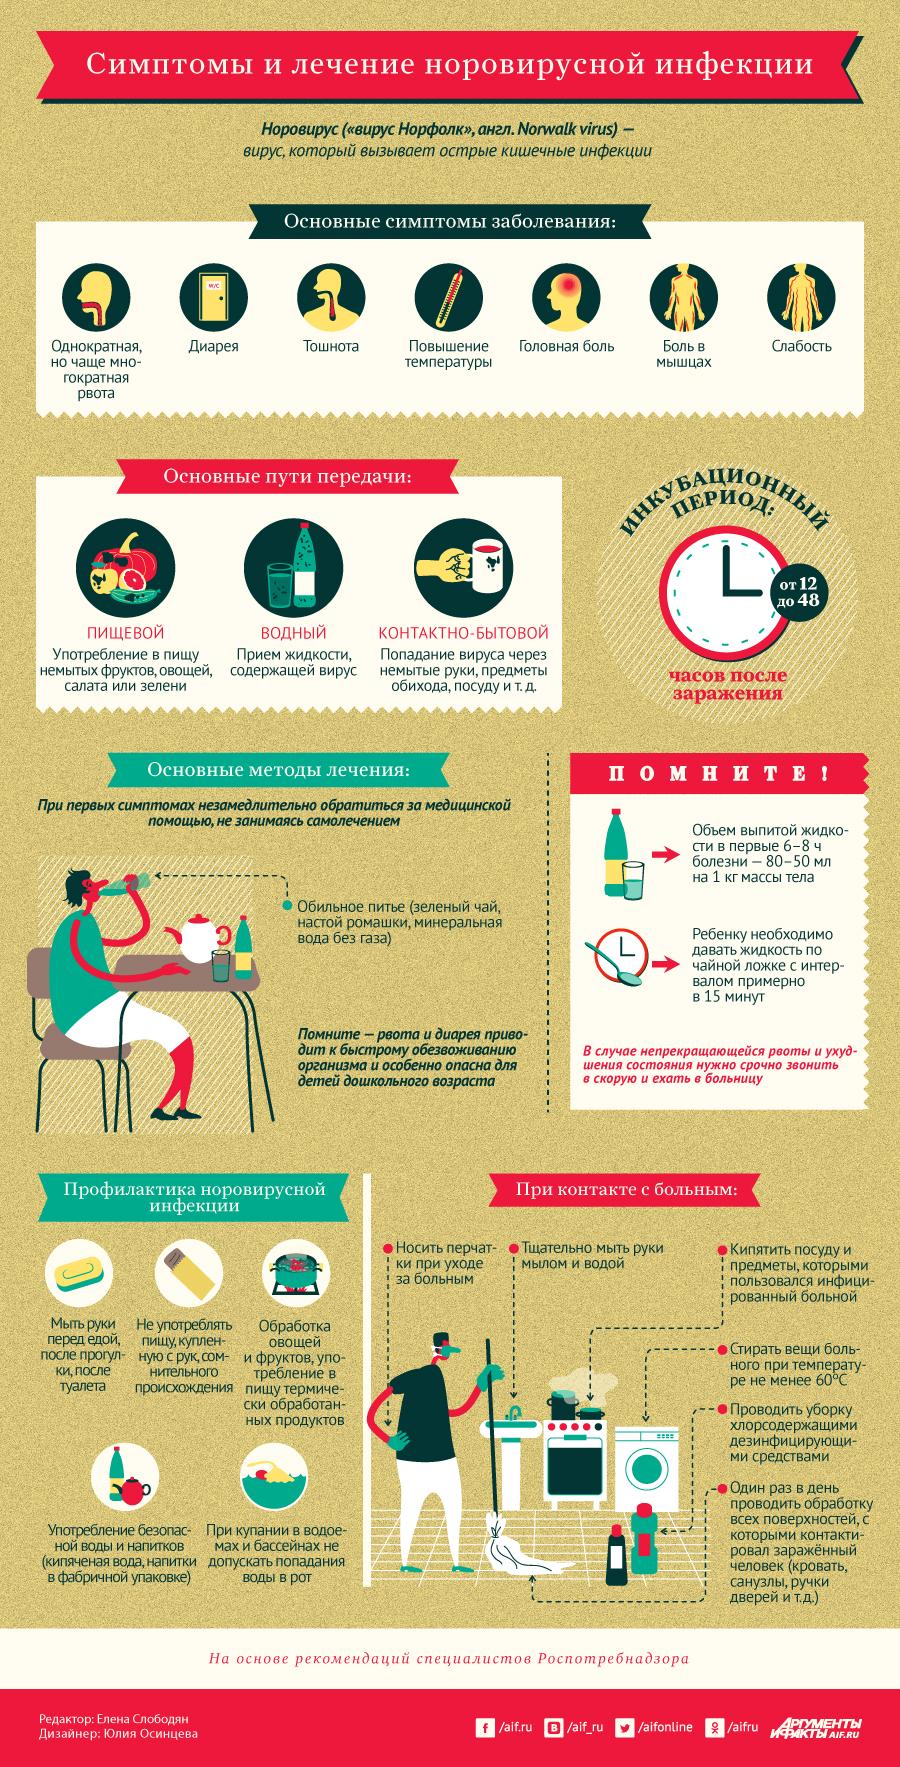 Симптомы и лечение норовирусной инфекции. Инфографика